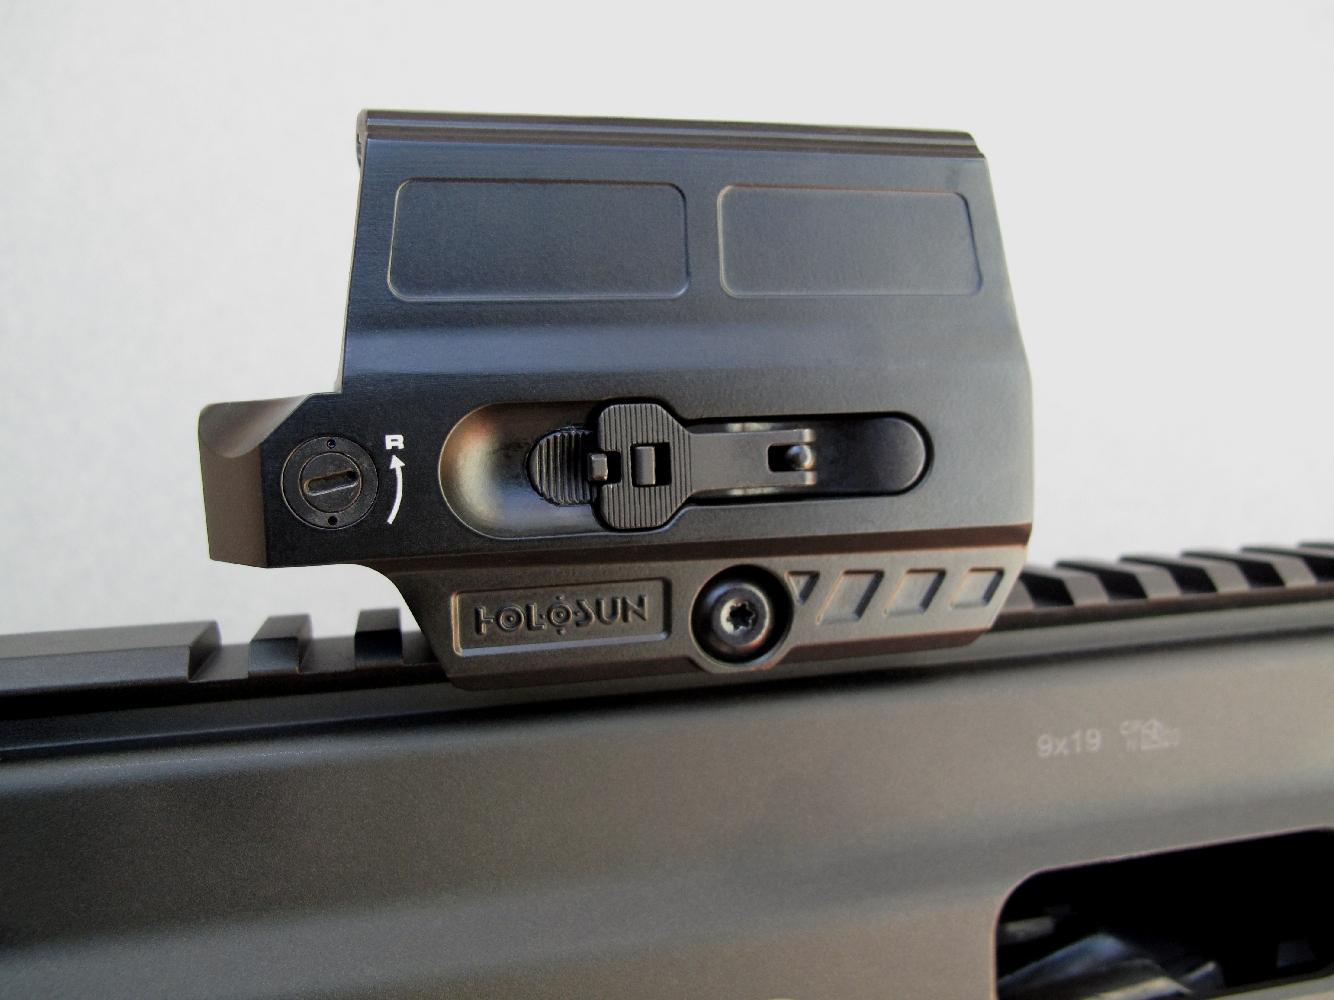 Le logement de la pile est accessible grâce au levier de déverrouillage placé sur le côté droit du viseur.